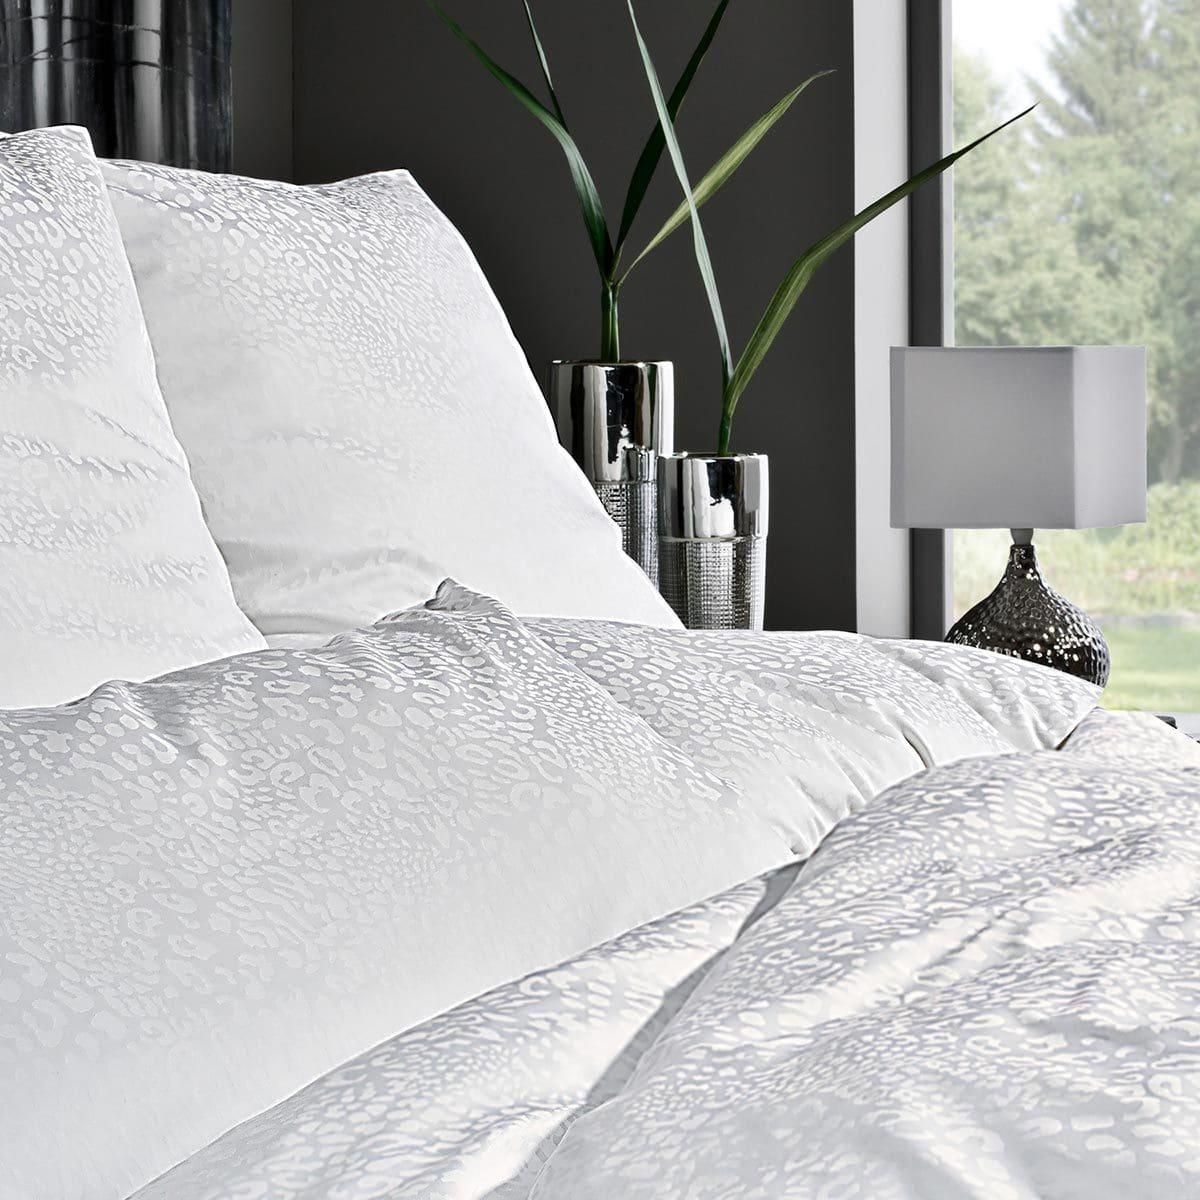 estella damast bettw sche jamal wei g nstig online kaufen. Black Bedroom Furniture Sets. Home Design Ideas